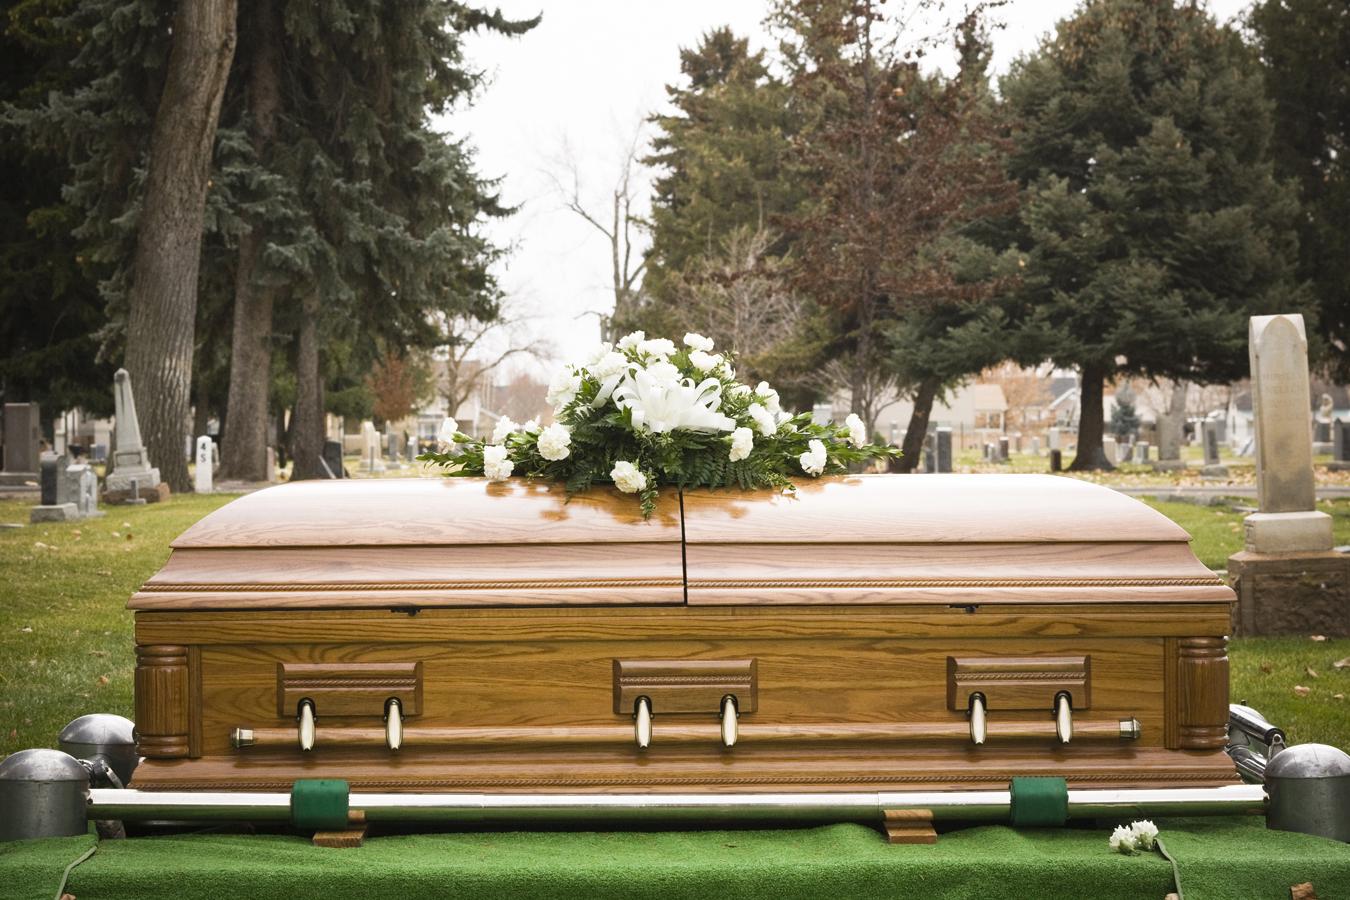 Funerarias Y Familias Reflexionan Sobre Las Muertes En La Era De Covid 19 Kaiser Health News